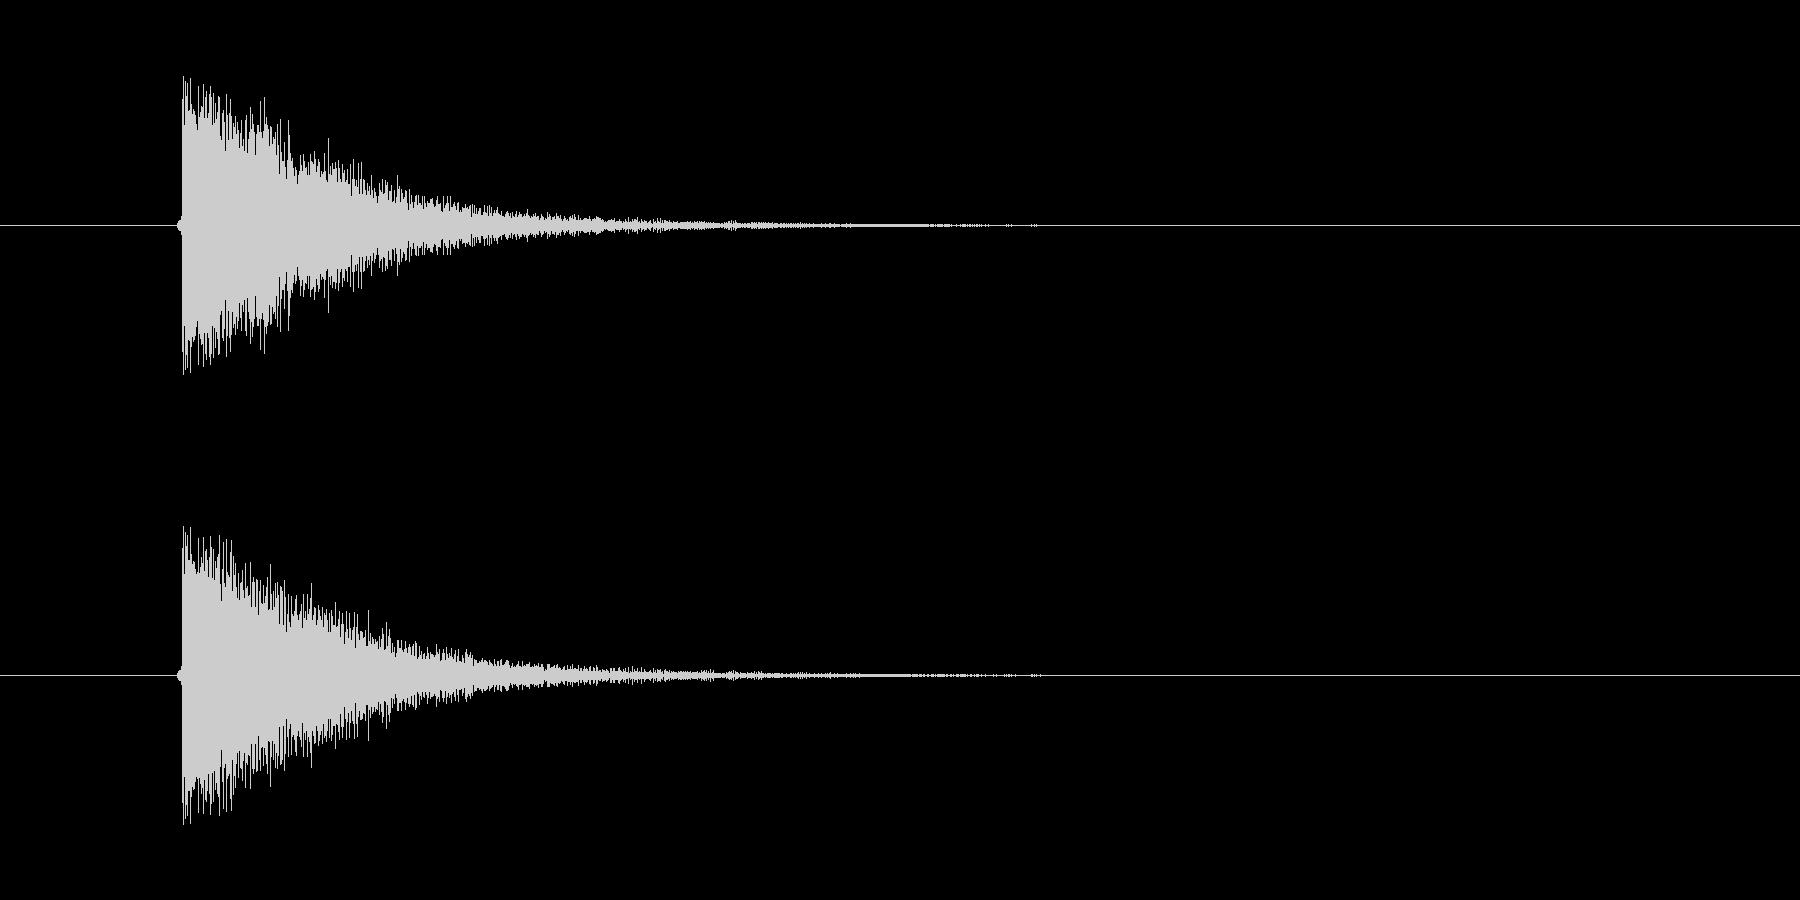 ぴきゅーん! ビーム光線の効果音です。の未再生の波形